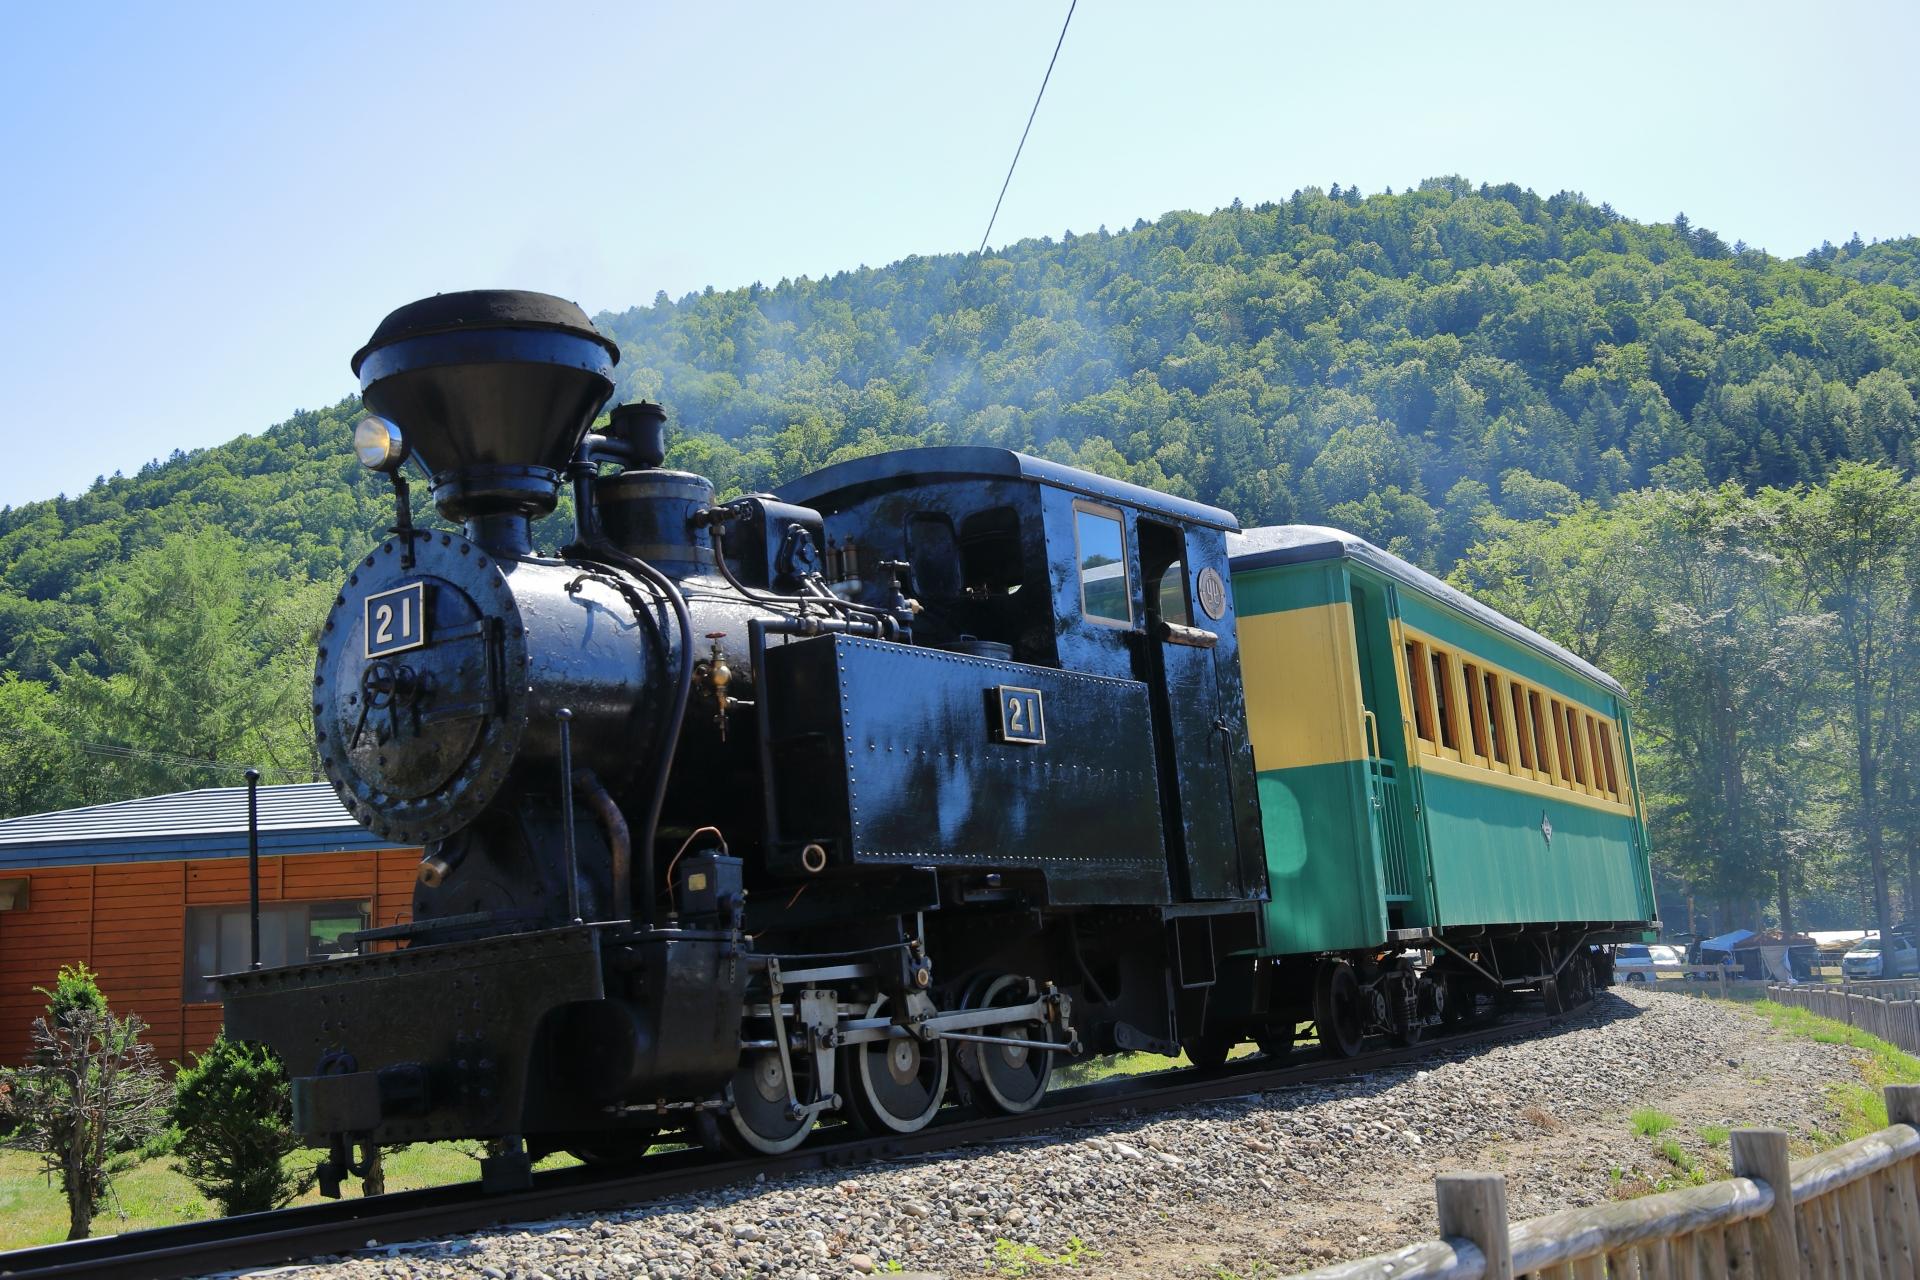 小樽市総合博物館」で鉄道王国の歴史を知る!展示車両やプラネタリウム ...